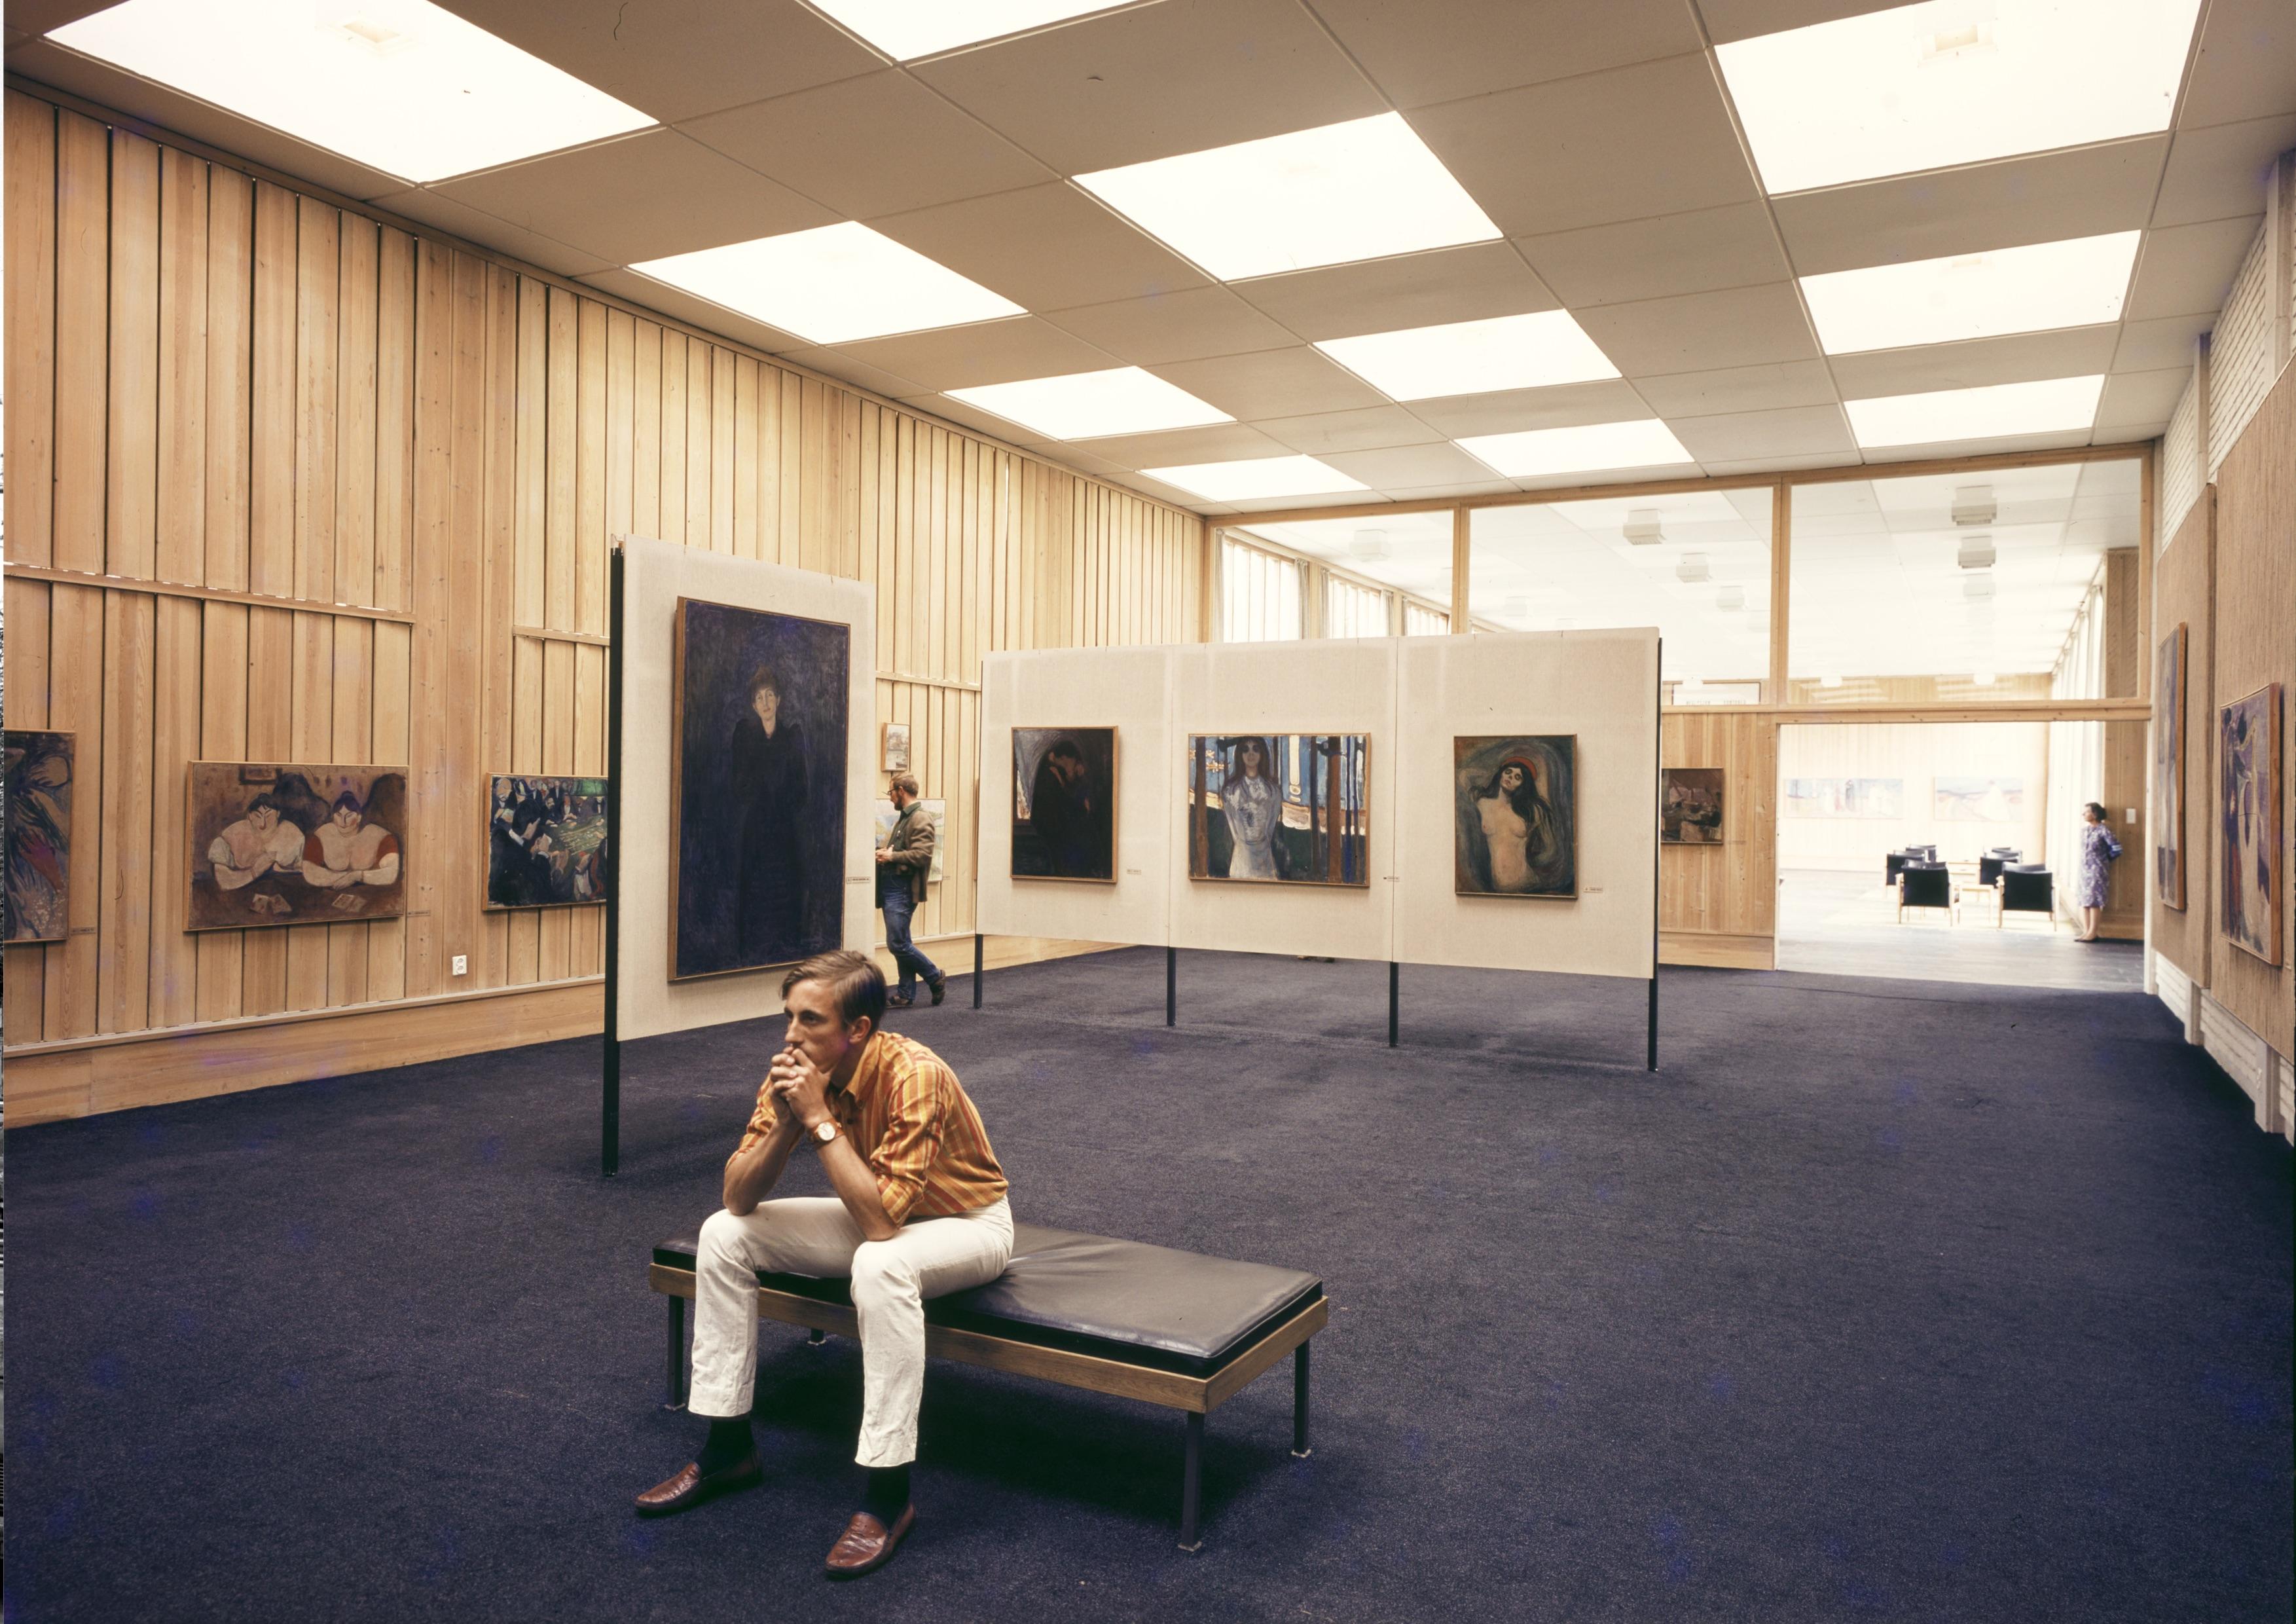 Foto av enslig publikummer (ukjent dato). Foto- Knudsens fotoatelier © Dextra Photo, Norsk Teknisk Museum